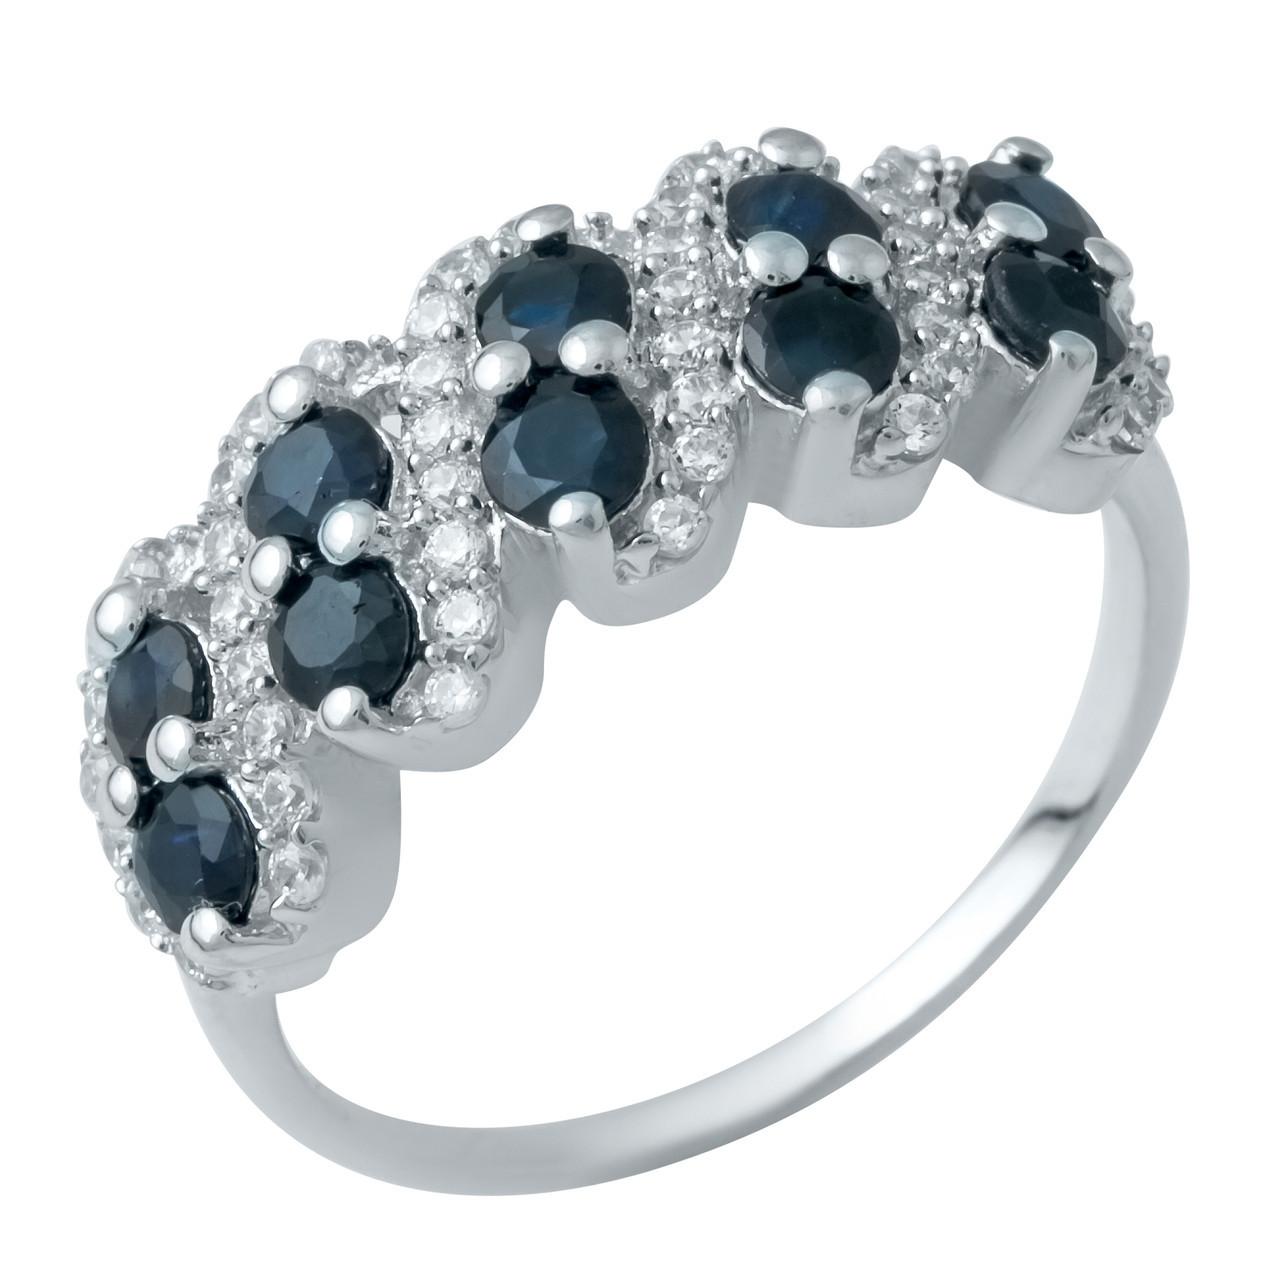 Родированное серебряное кольцо 875 пробы с натуральным сапфиром